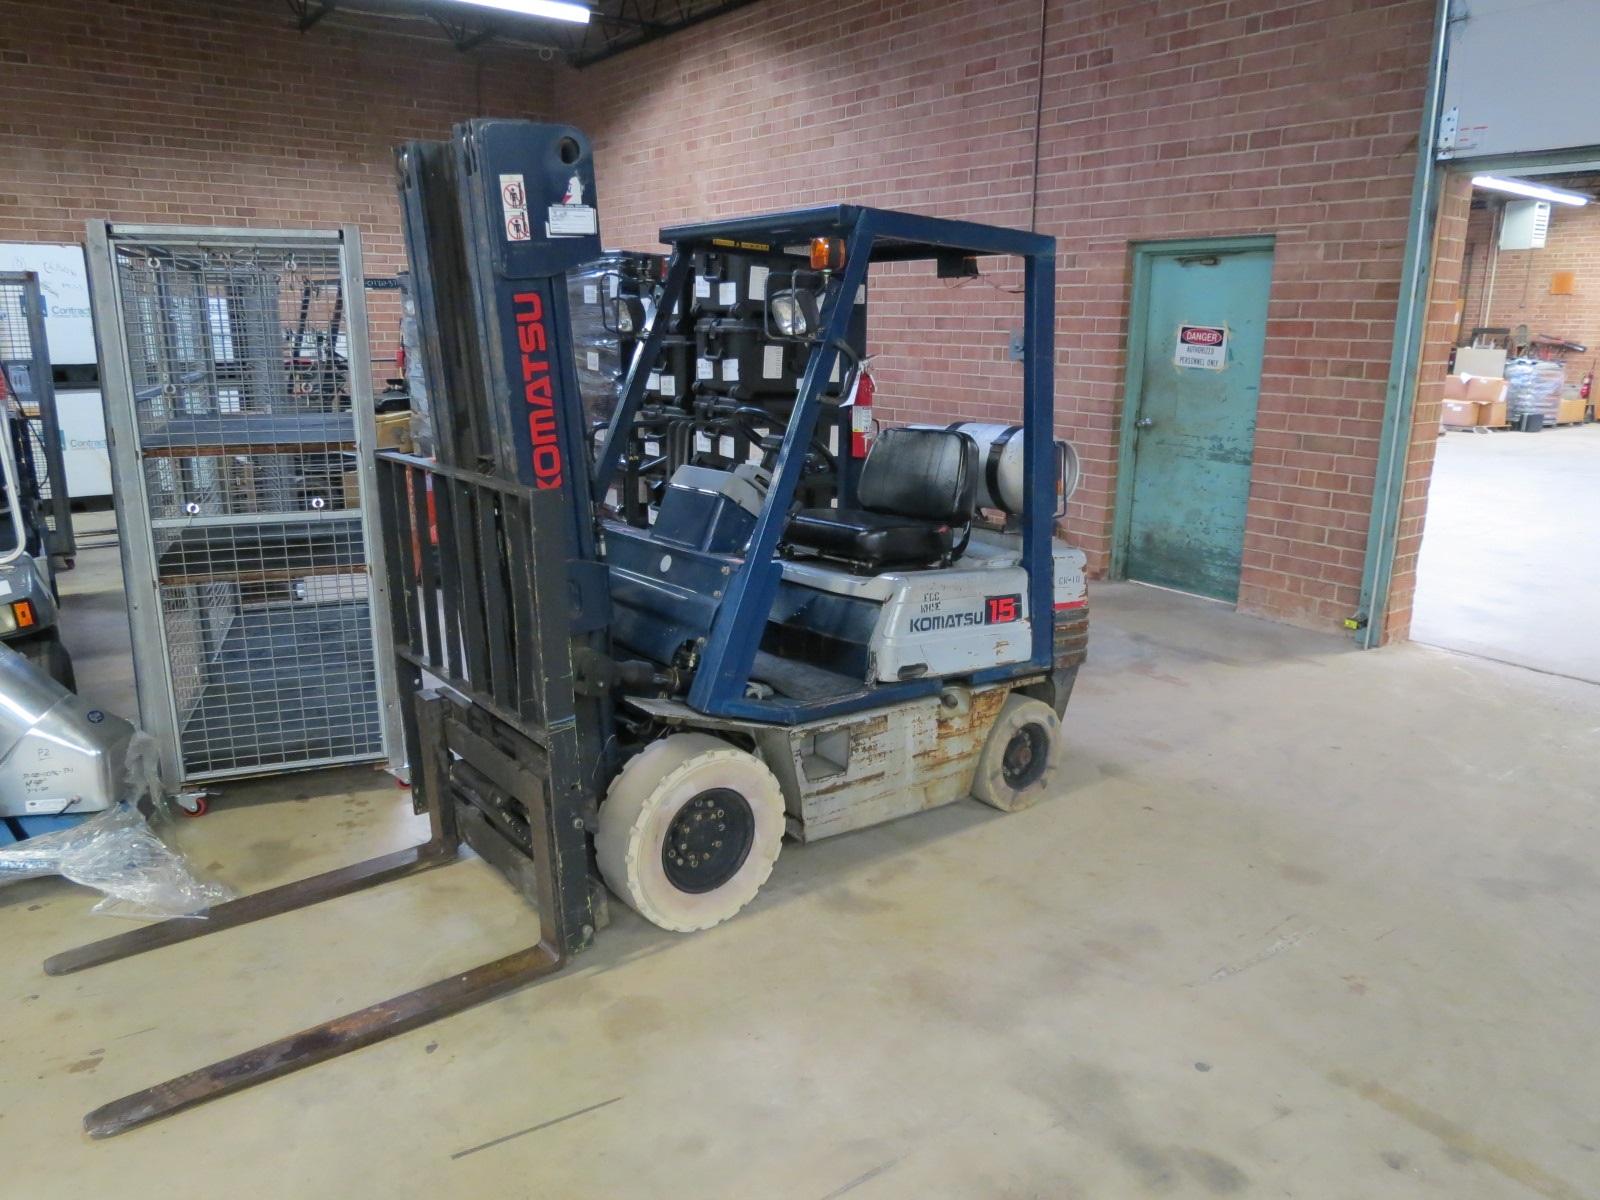 Komatso Forklift